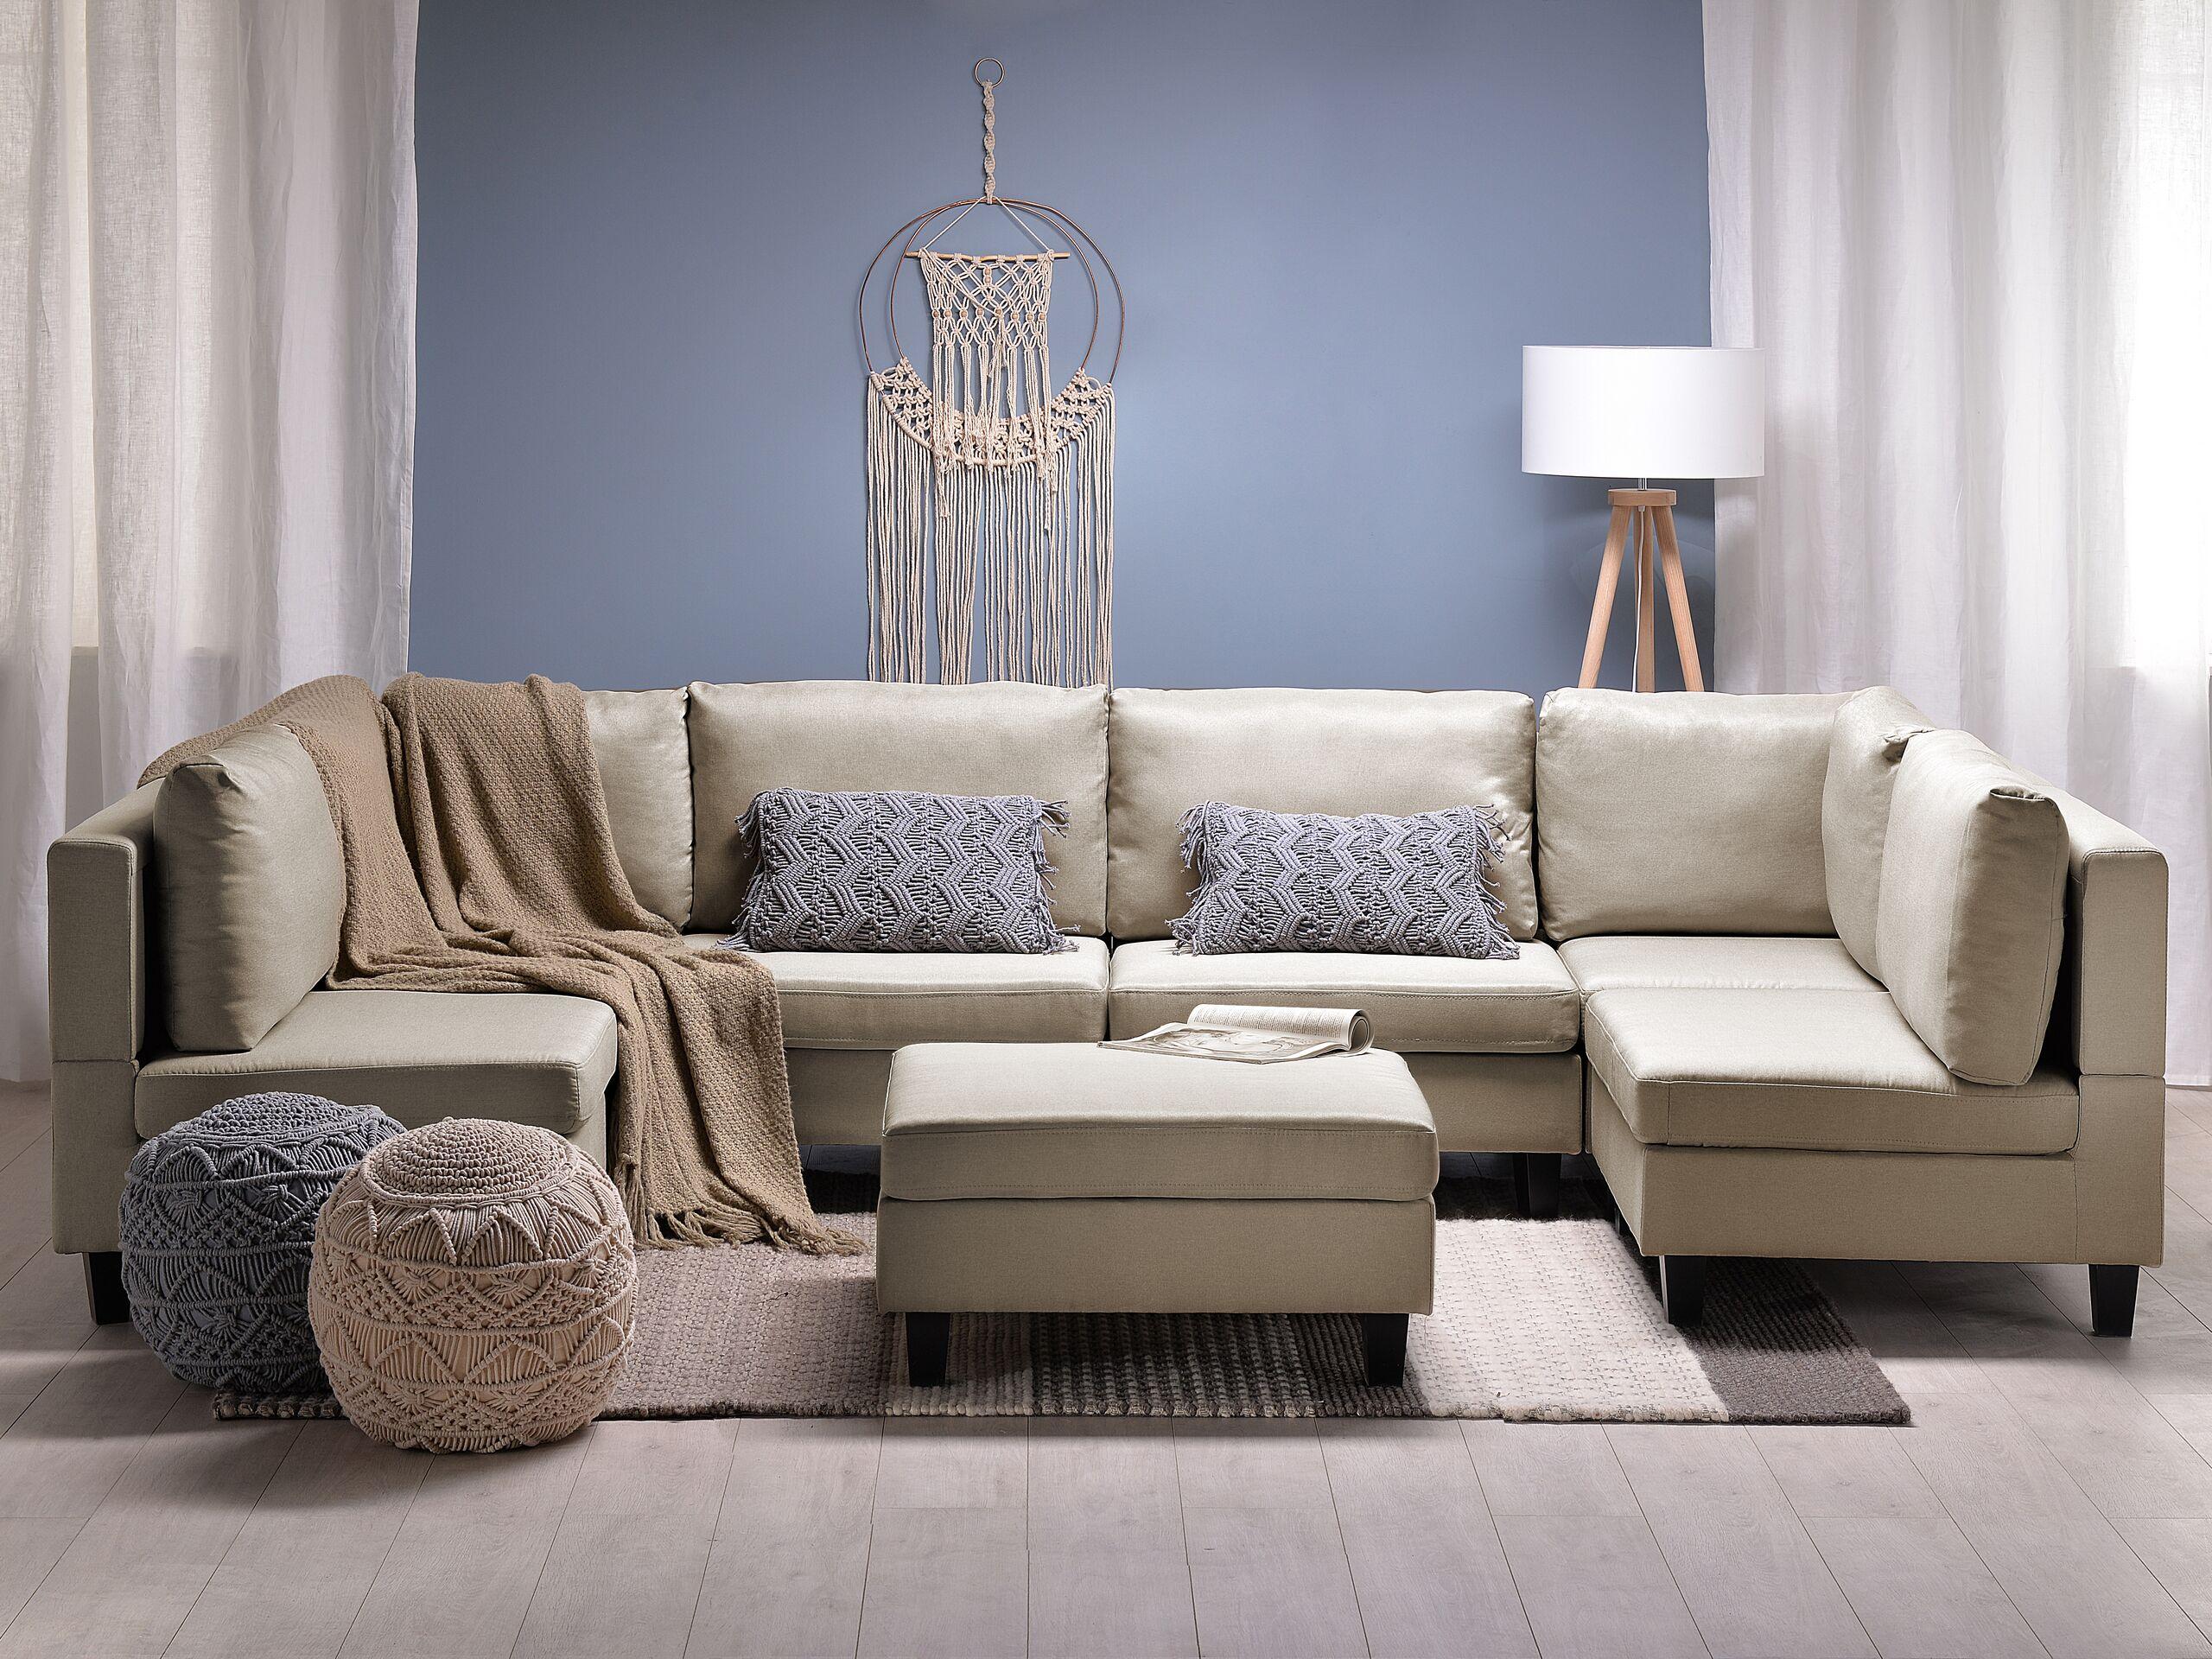 Canapé panoramique modulable 6 places en tissu beige avec pouf ottoman